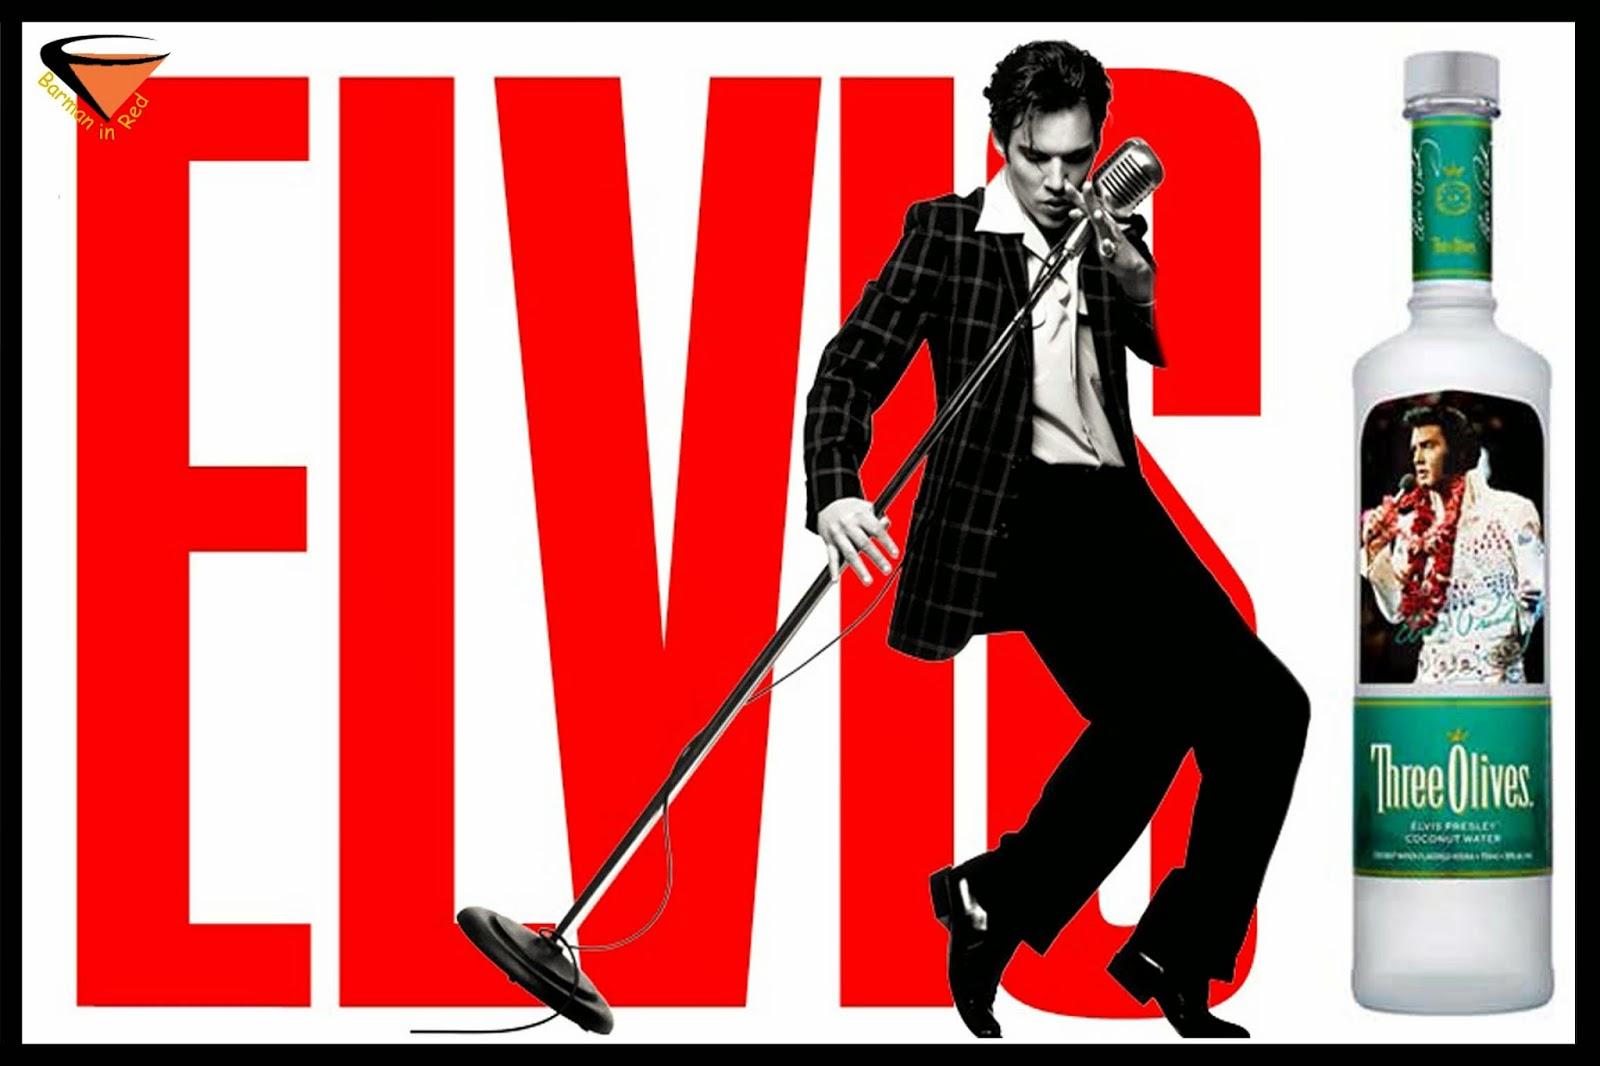 vodka Elvis Presley